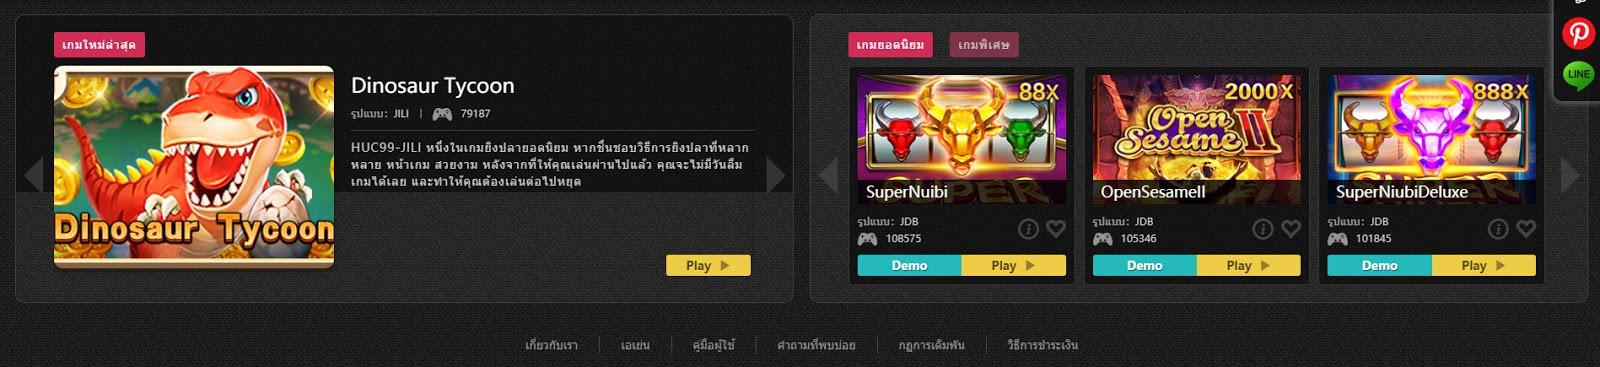 sbobet บอลไทย